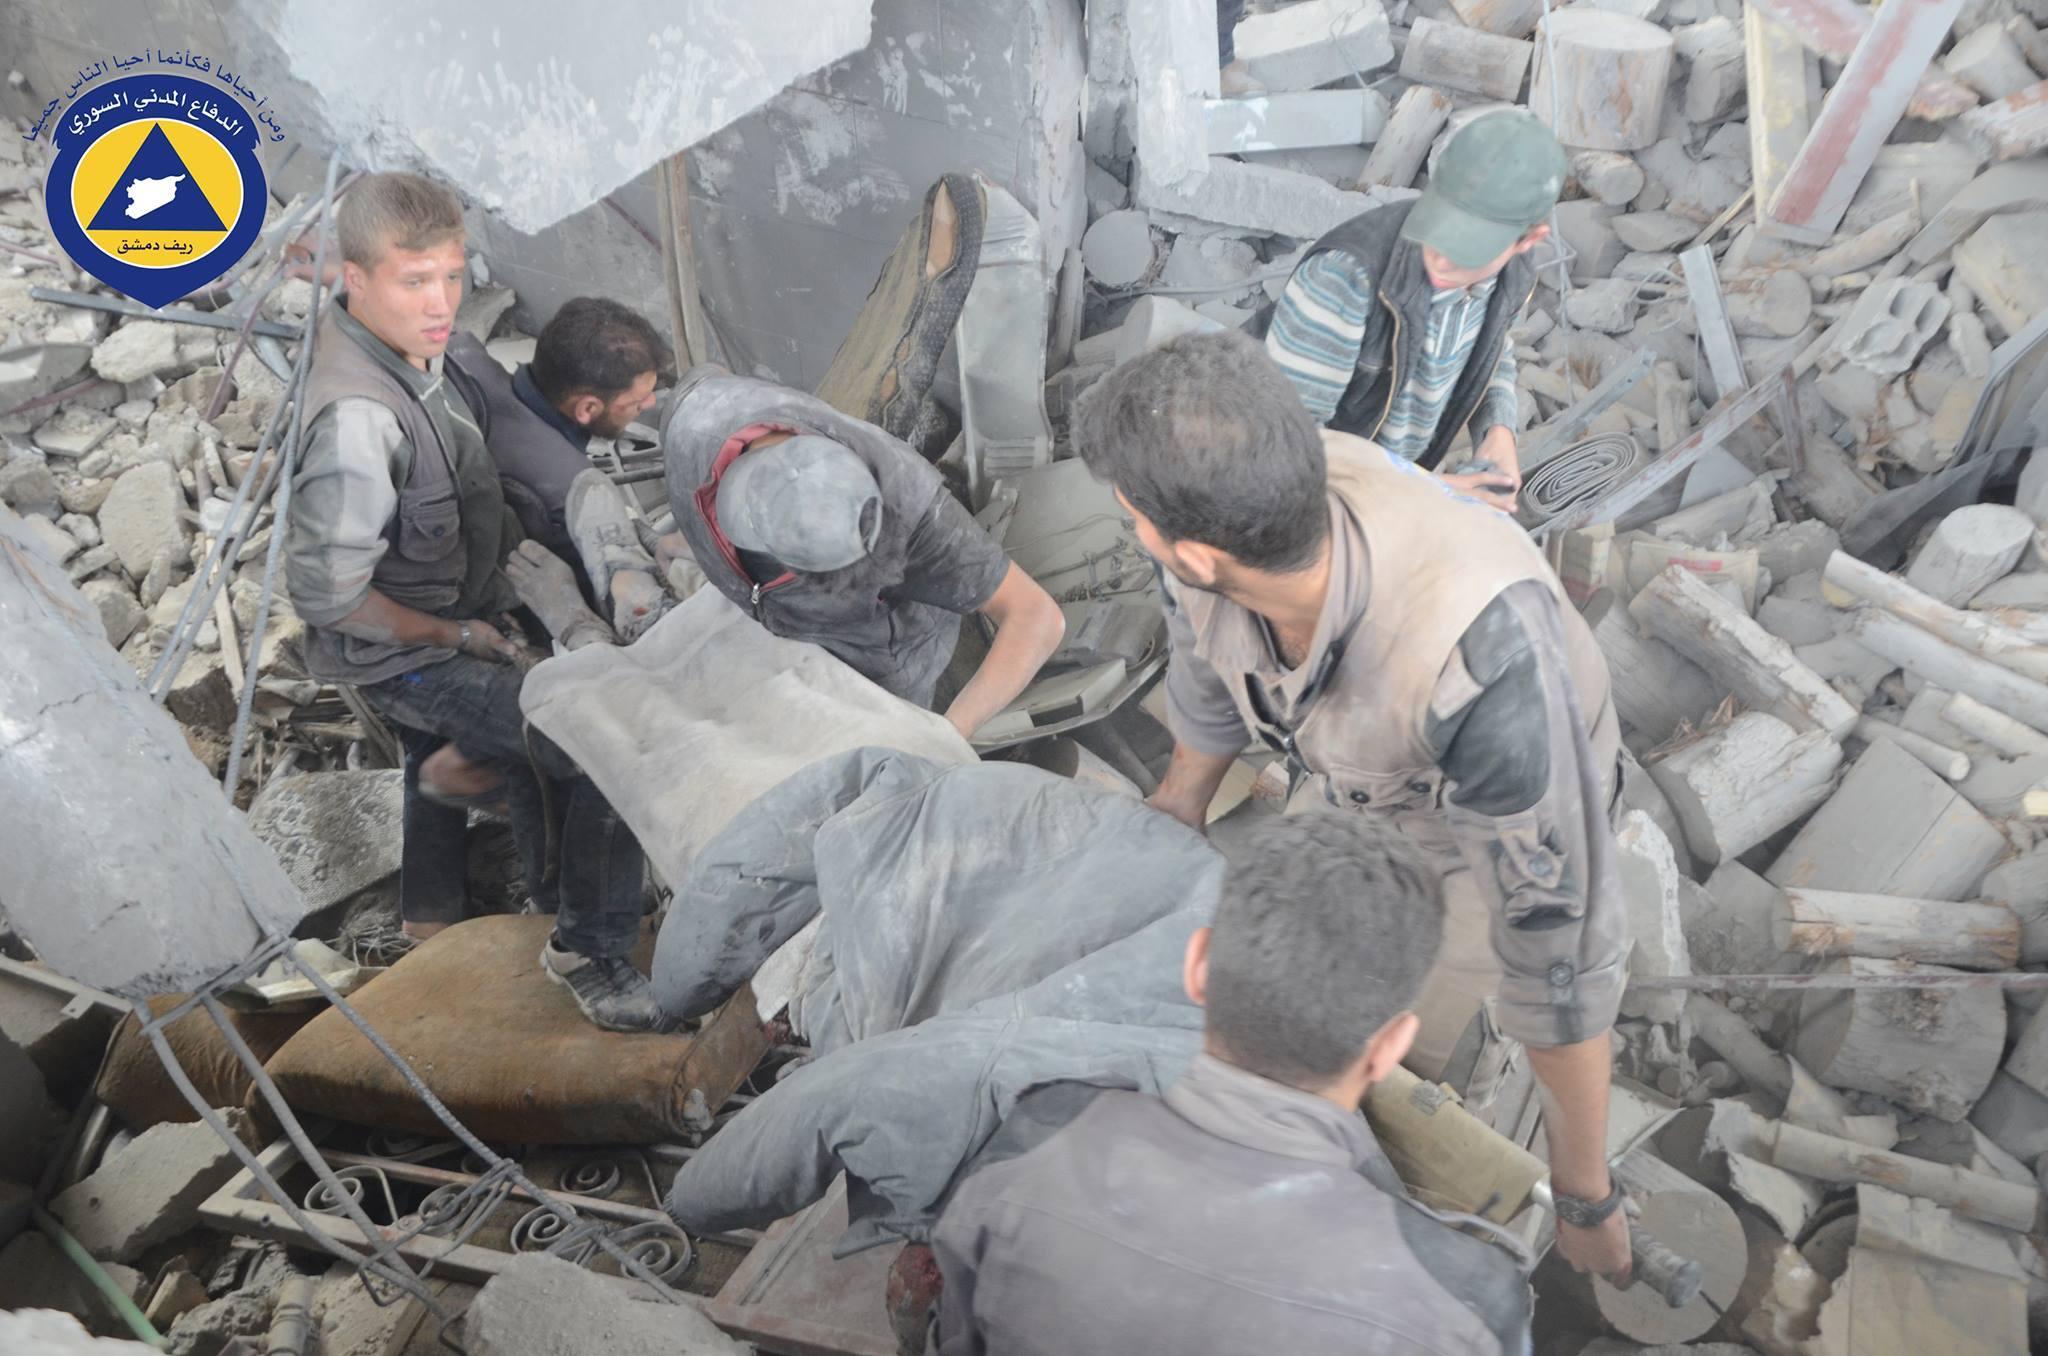 عناصر الدفاع المدني يقومون بانتشال الضحايا في مسرابا